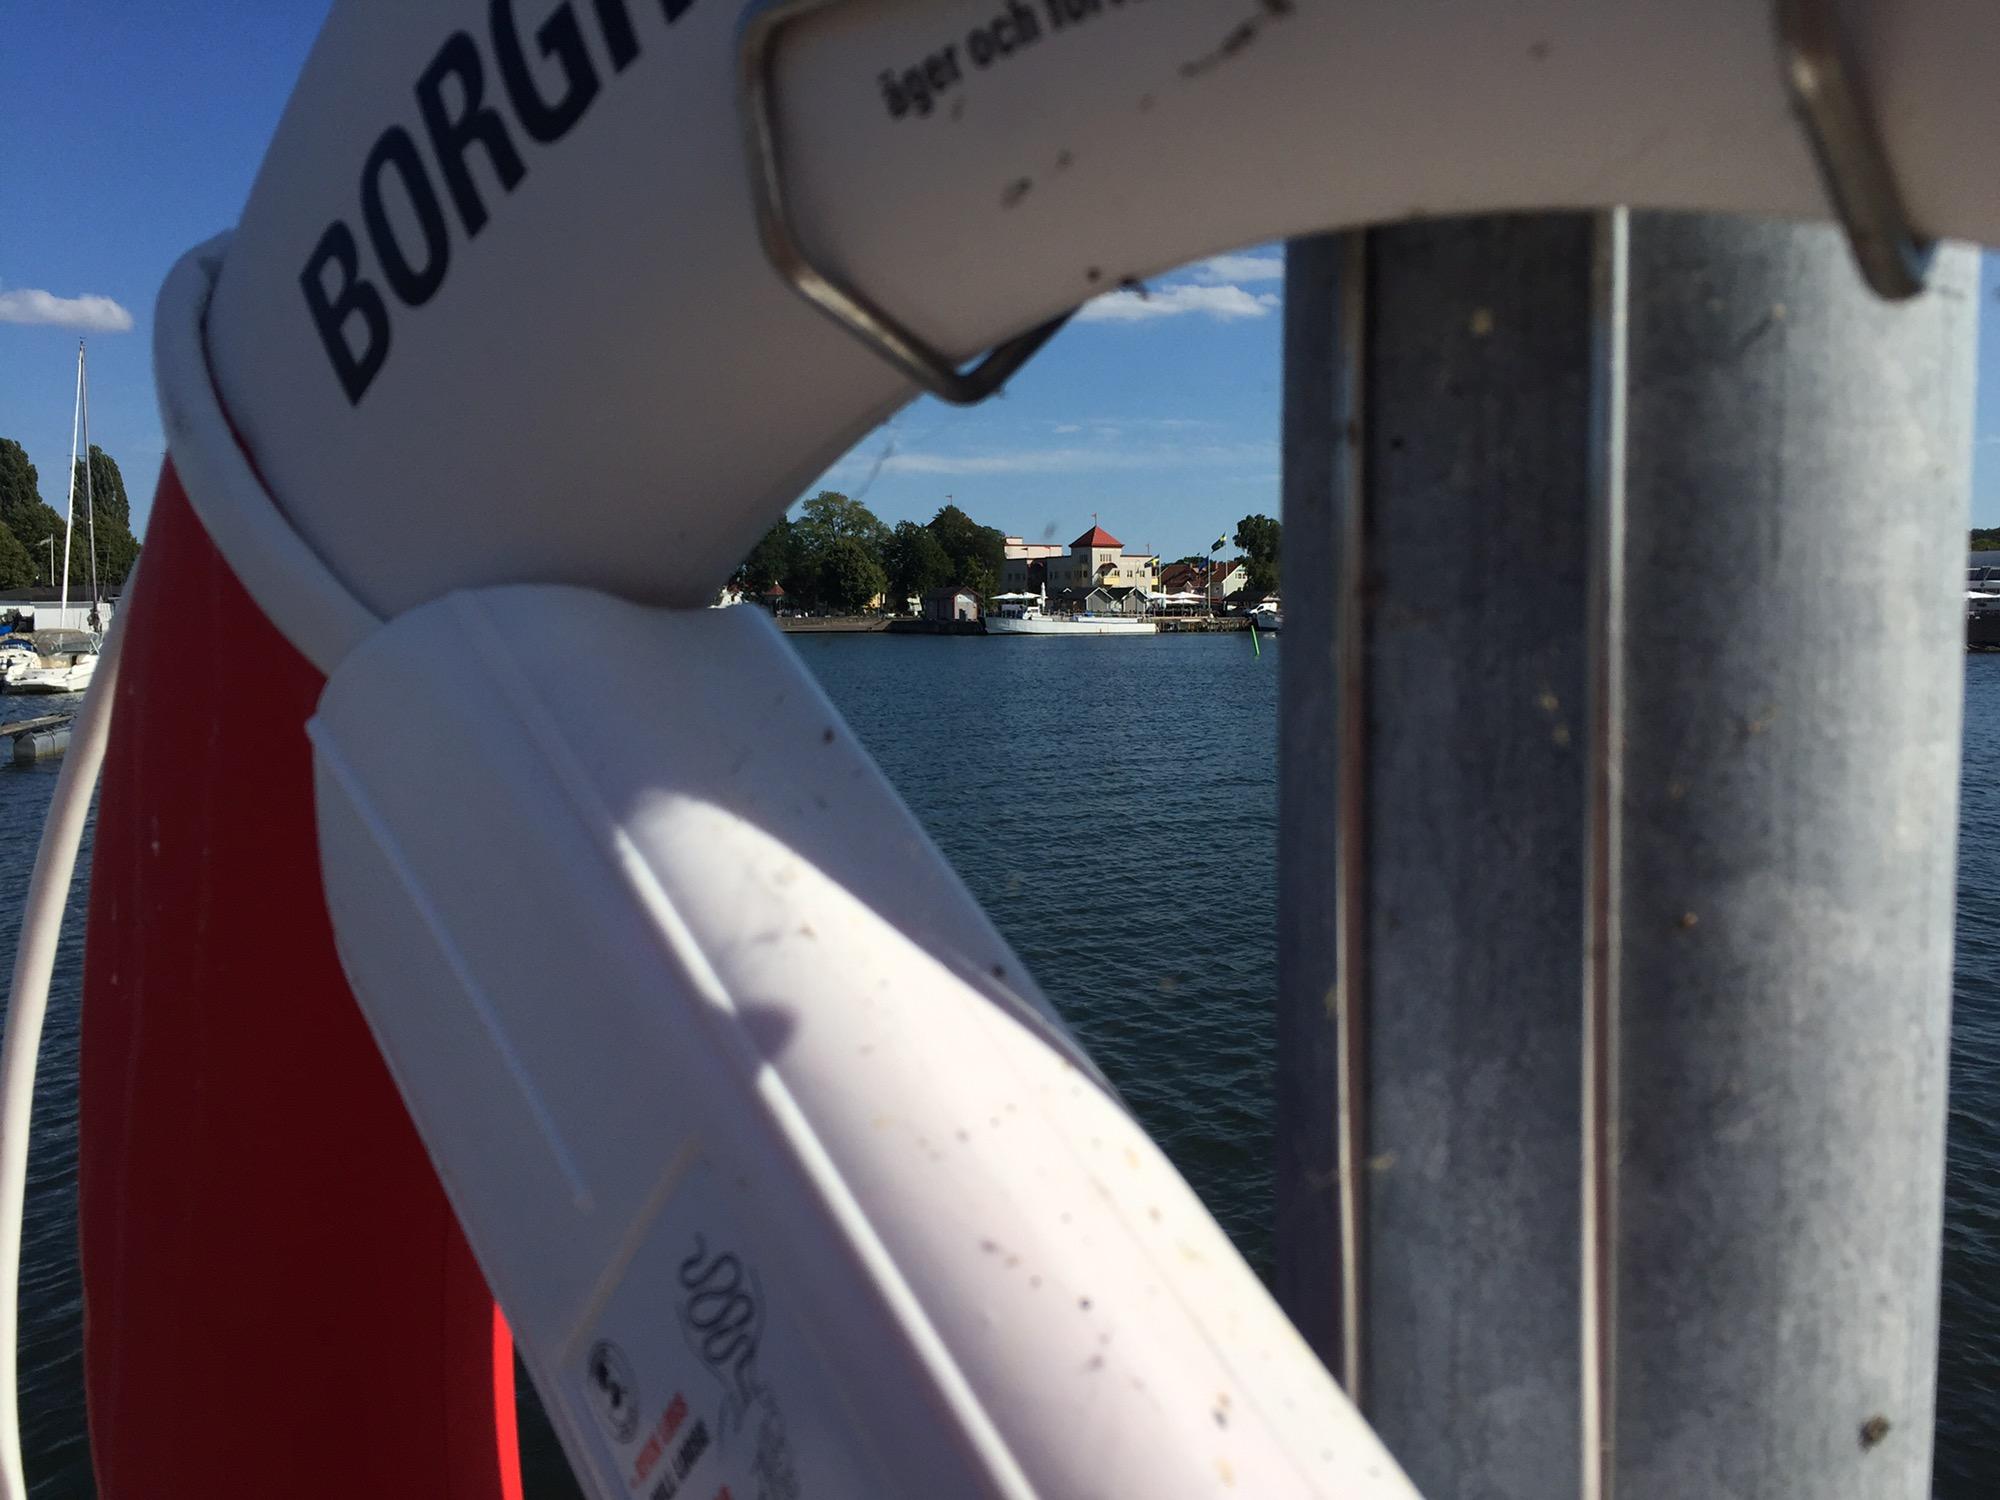 Löttorp - Borgholm tur och retur på ölandsleden